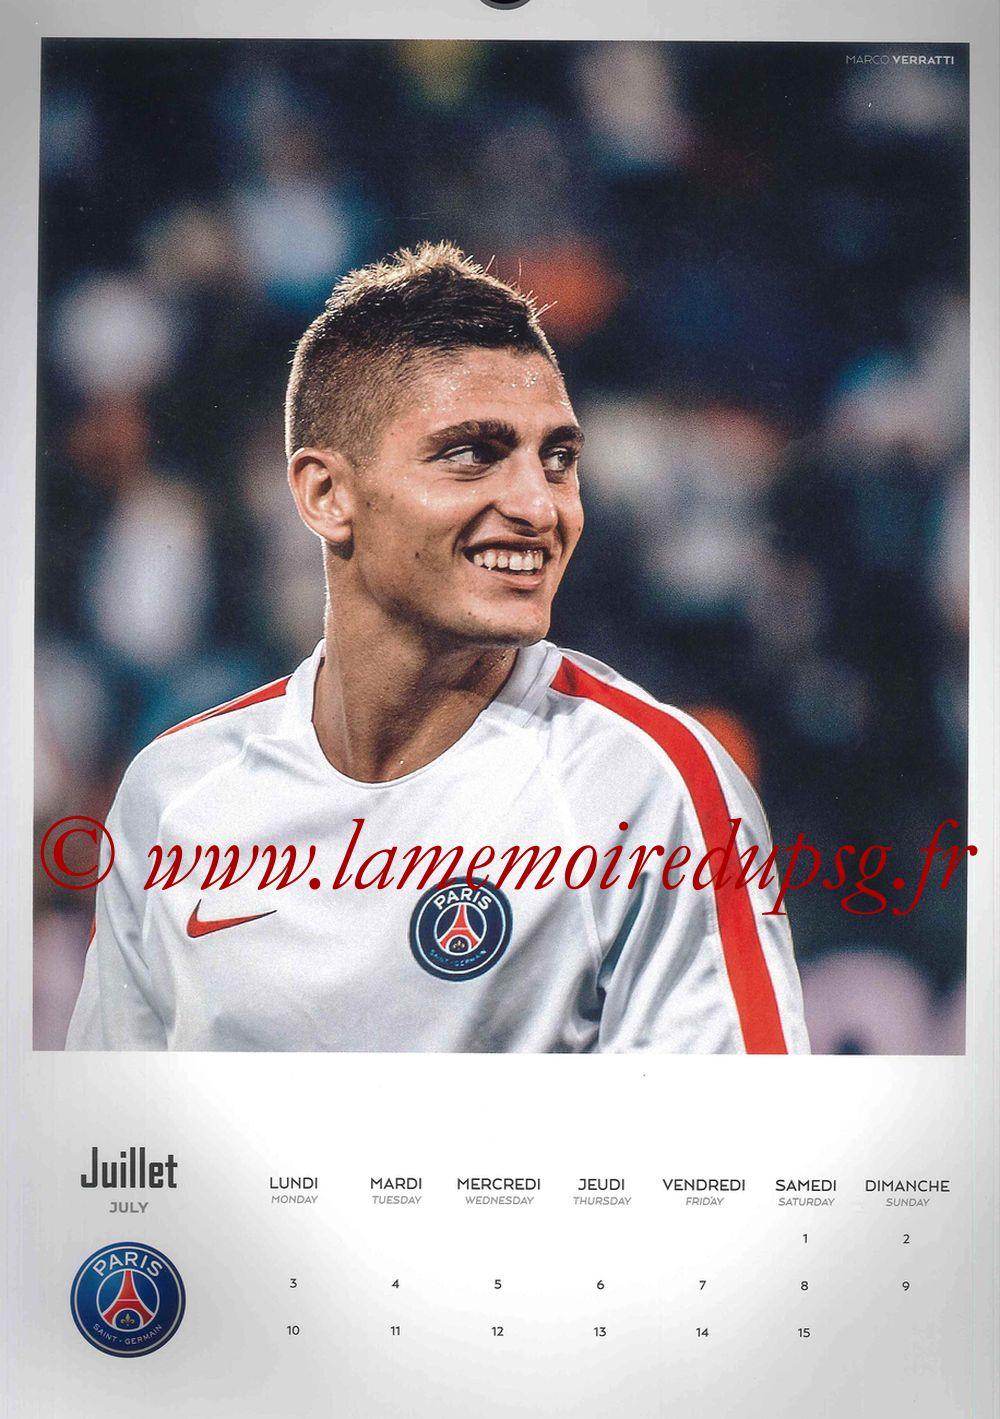 Calendrier PSG 2017 - Page 13 - Marco VERRATTI